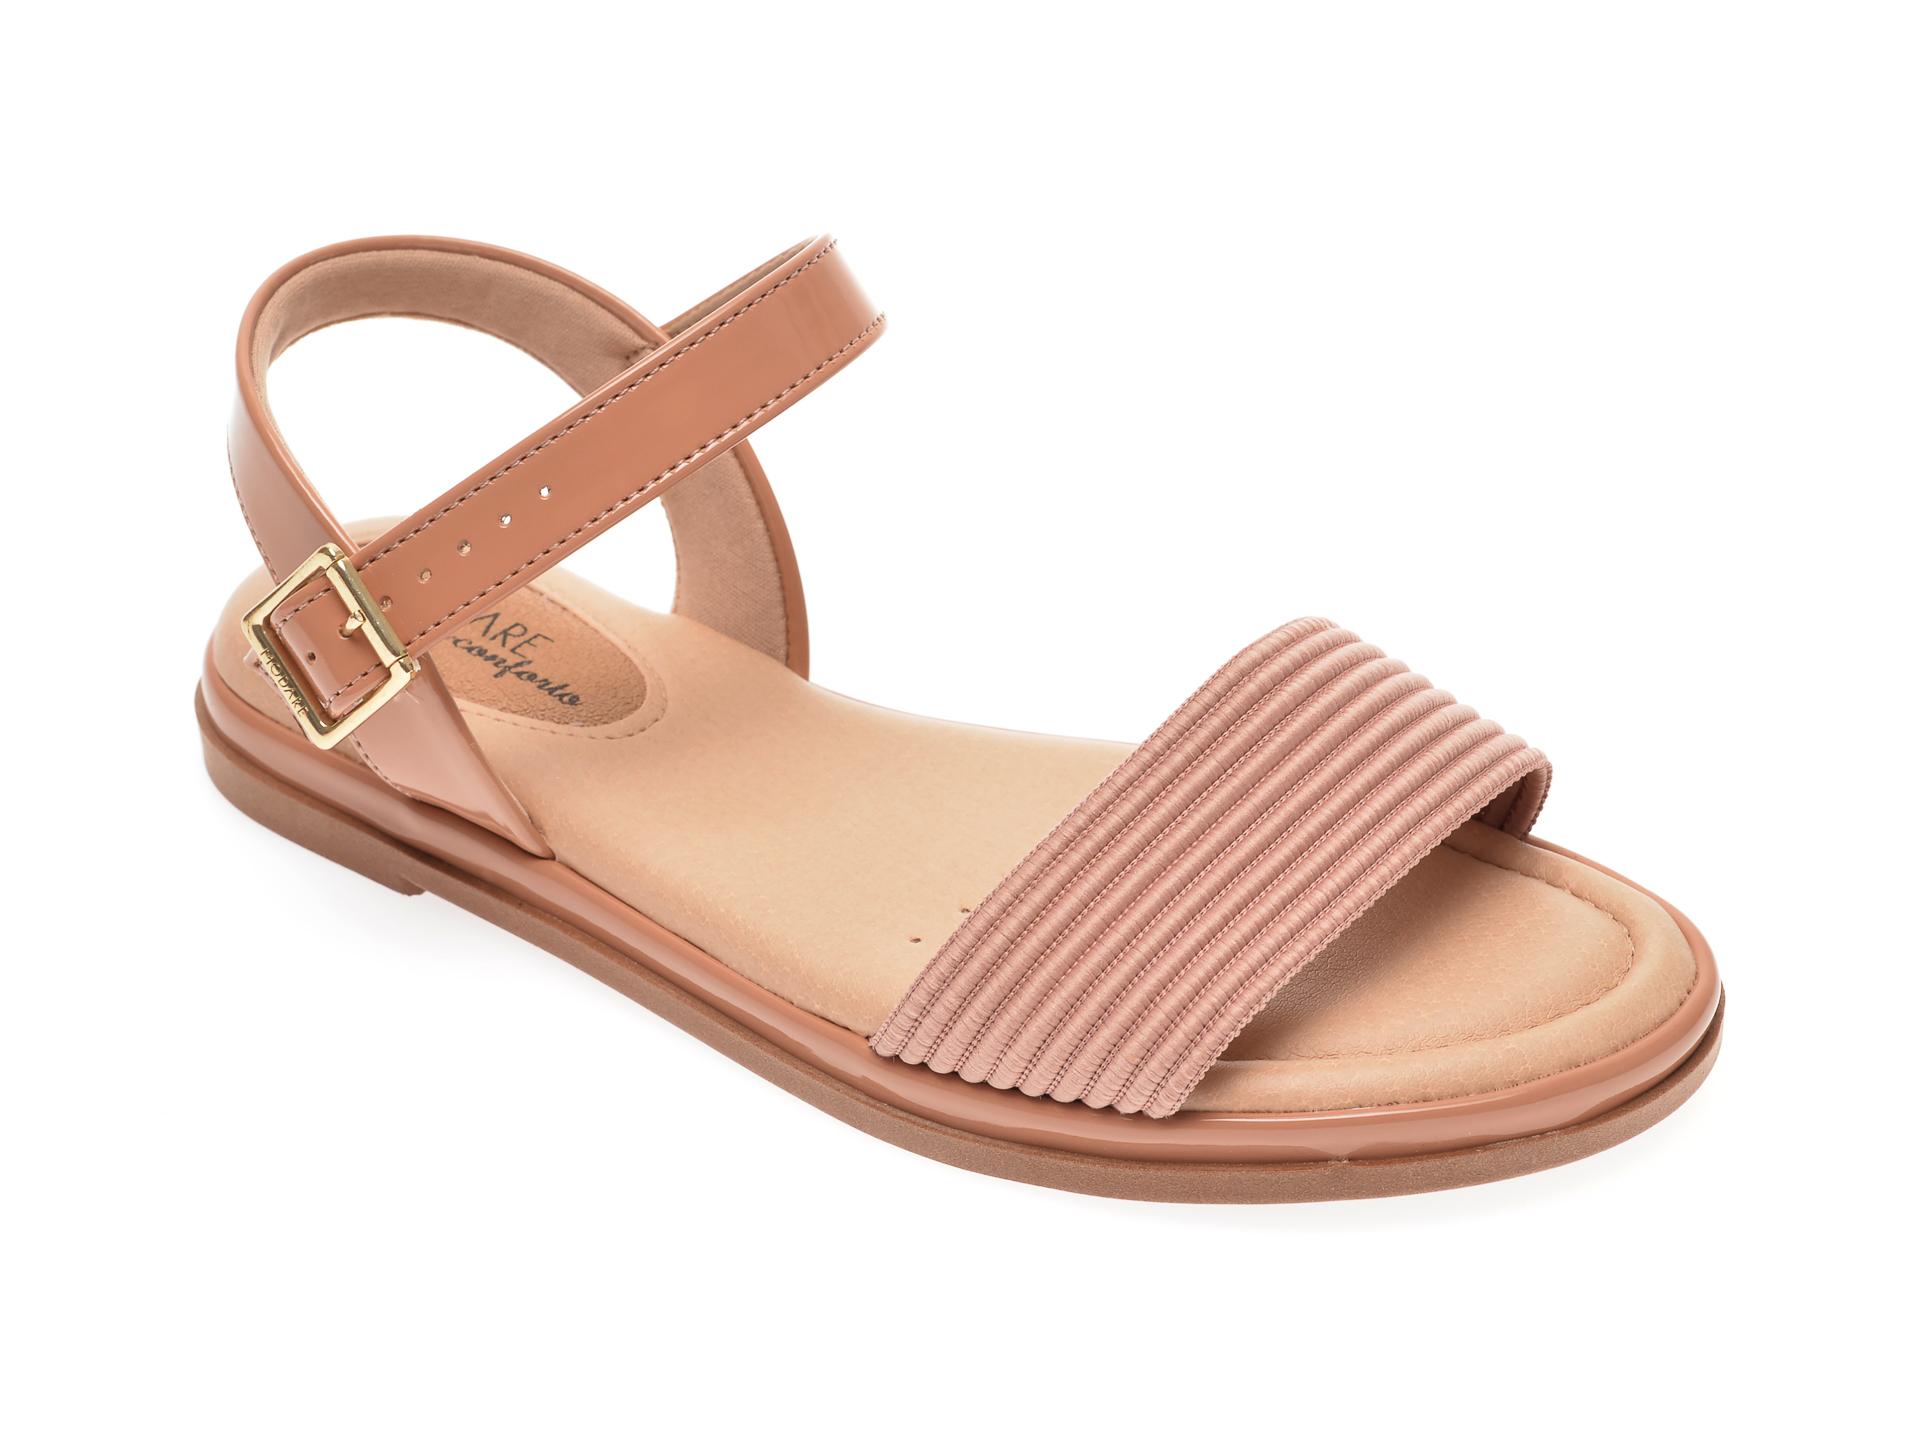 Sandale MODARE nude, 7139108, din piele ecologica New